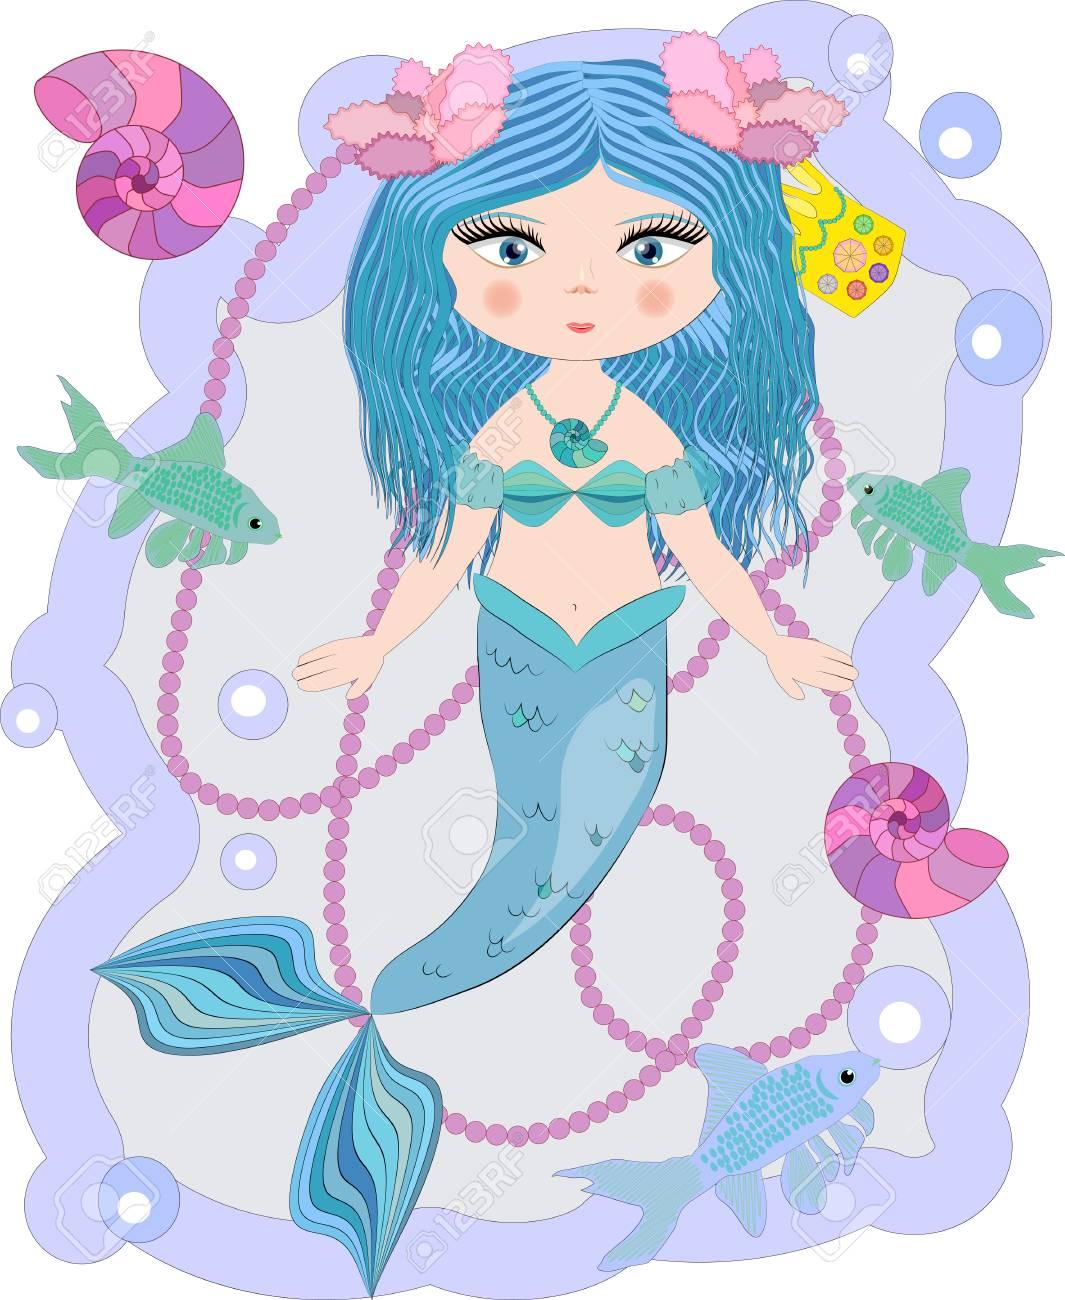 Cartoon Cute Little Mermaid Sea Princess Siren With Blue